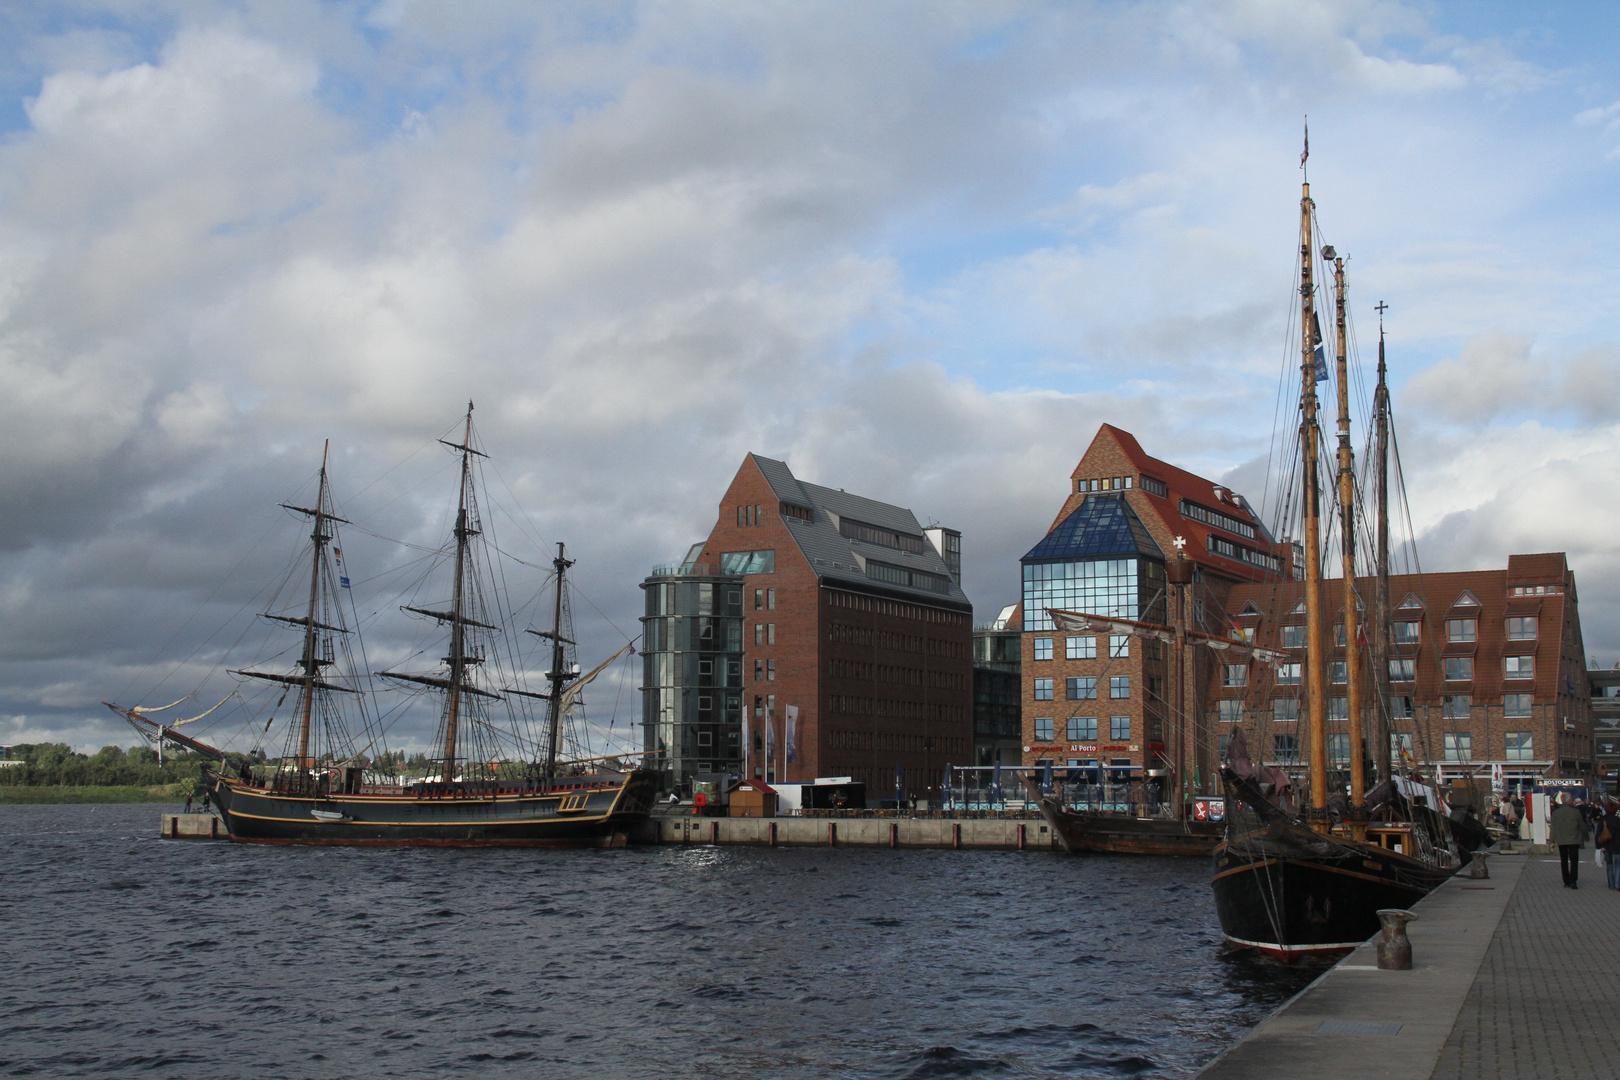 Die Bounty im Rostocker Hafen